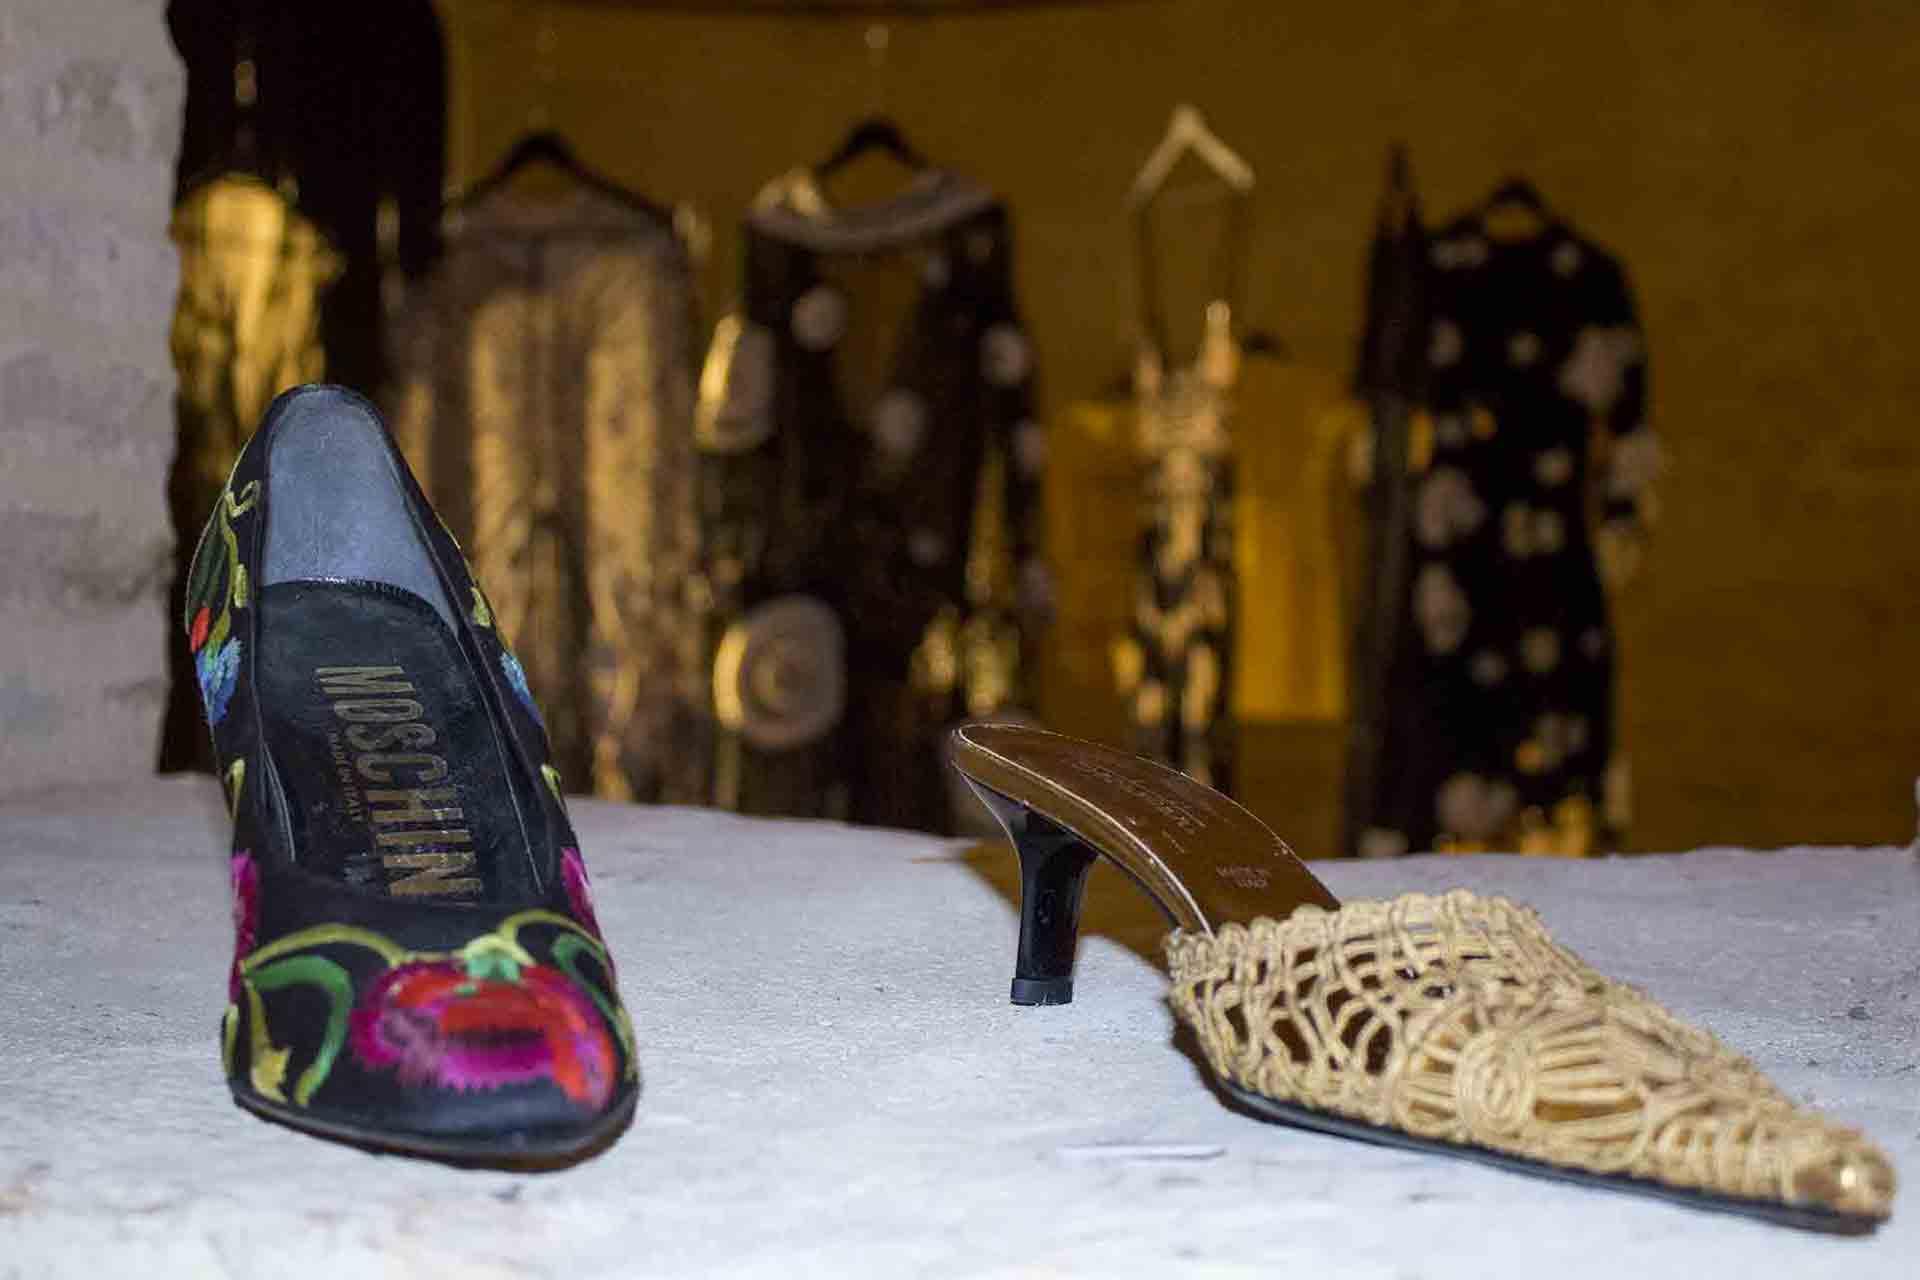 Moda: A Forlì Per Scoprire Meravigliosi Segreti Del Made In Italy